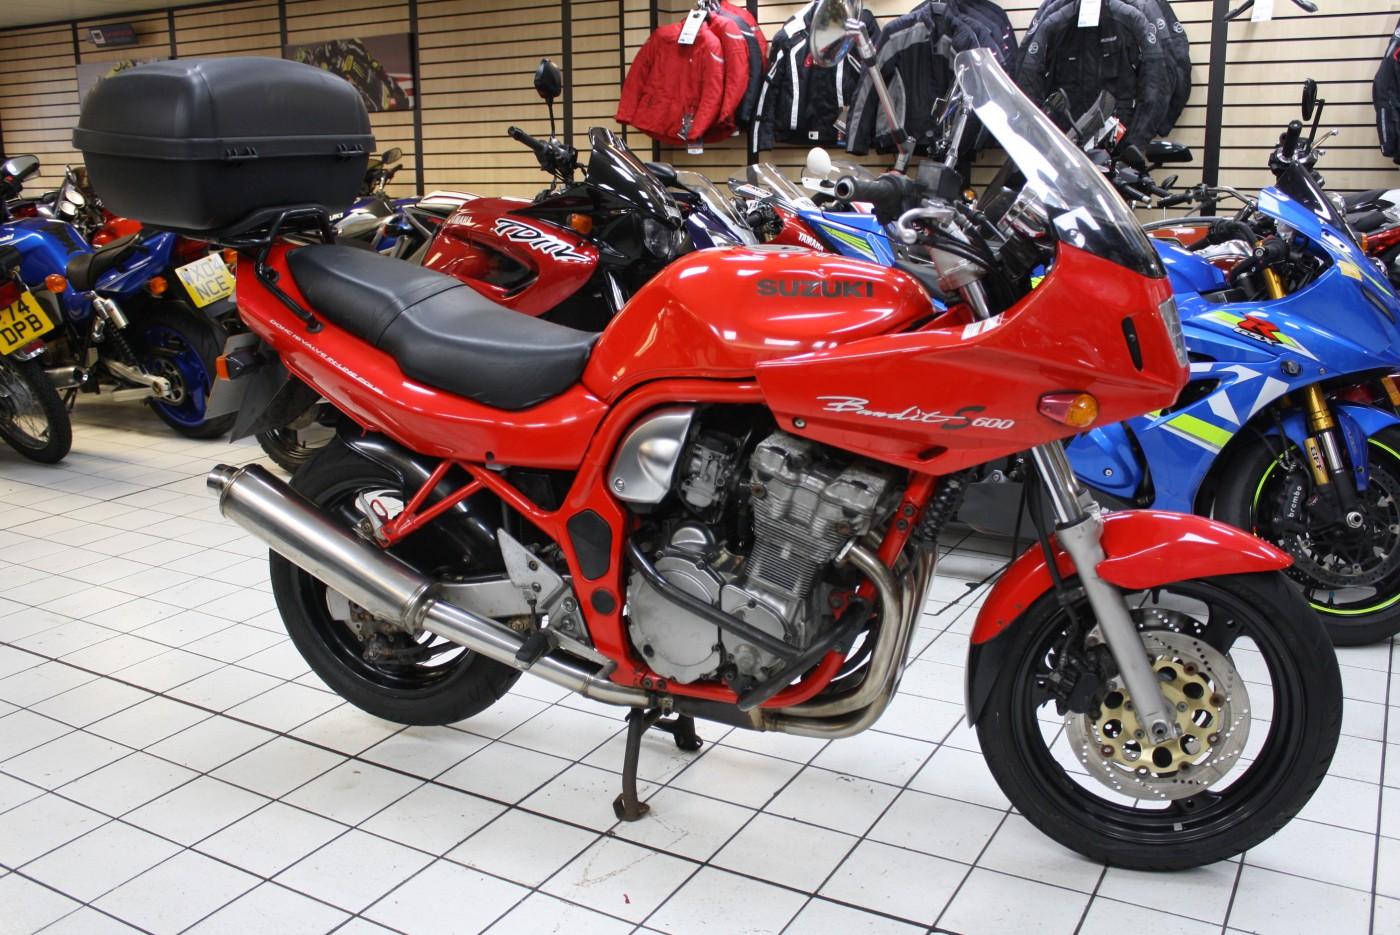 Suzuki GSF600 MK1 Bandit